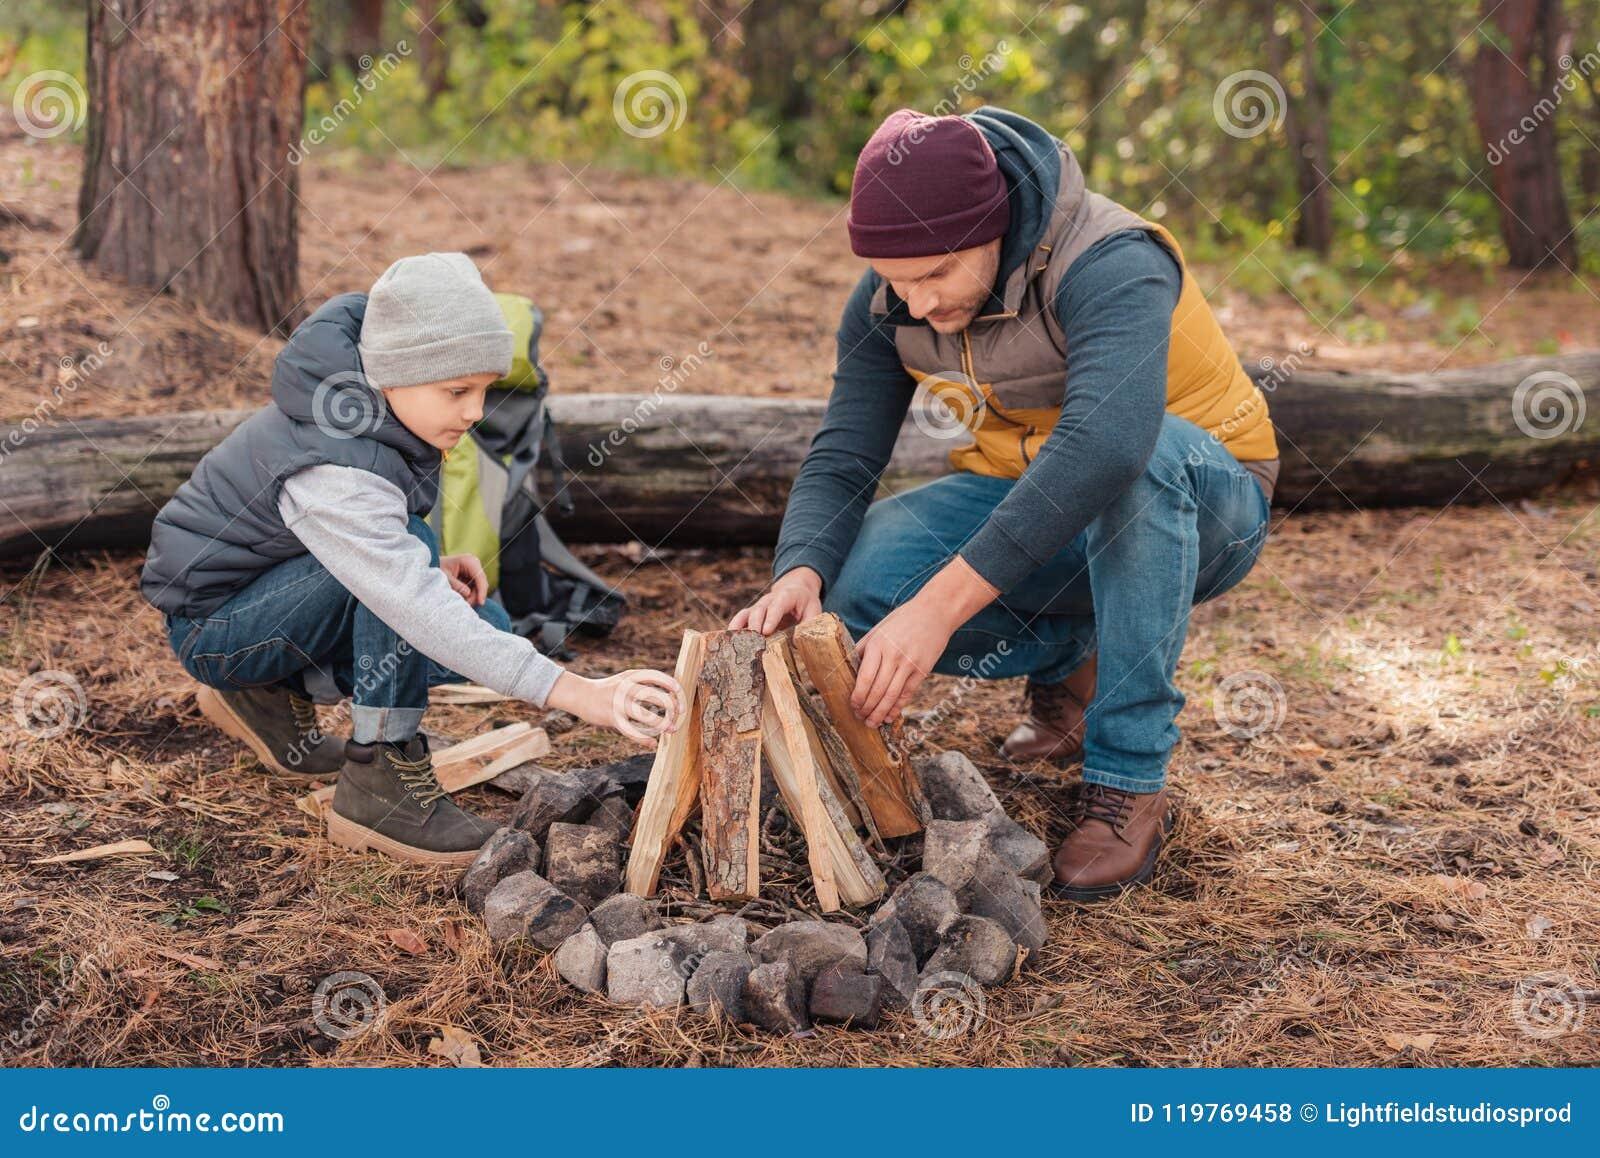 Père et fils rassemblant le bois de chauffage et allumant le feu